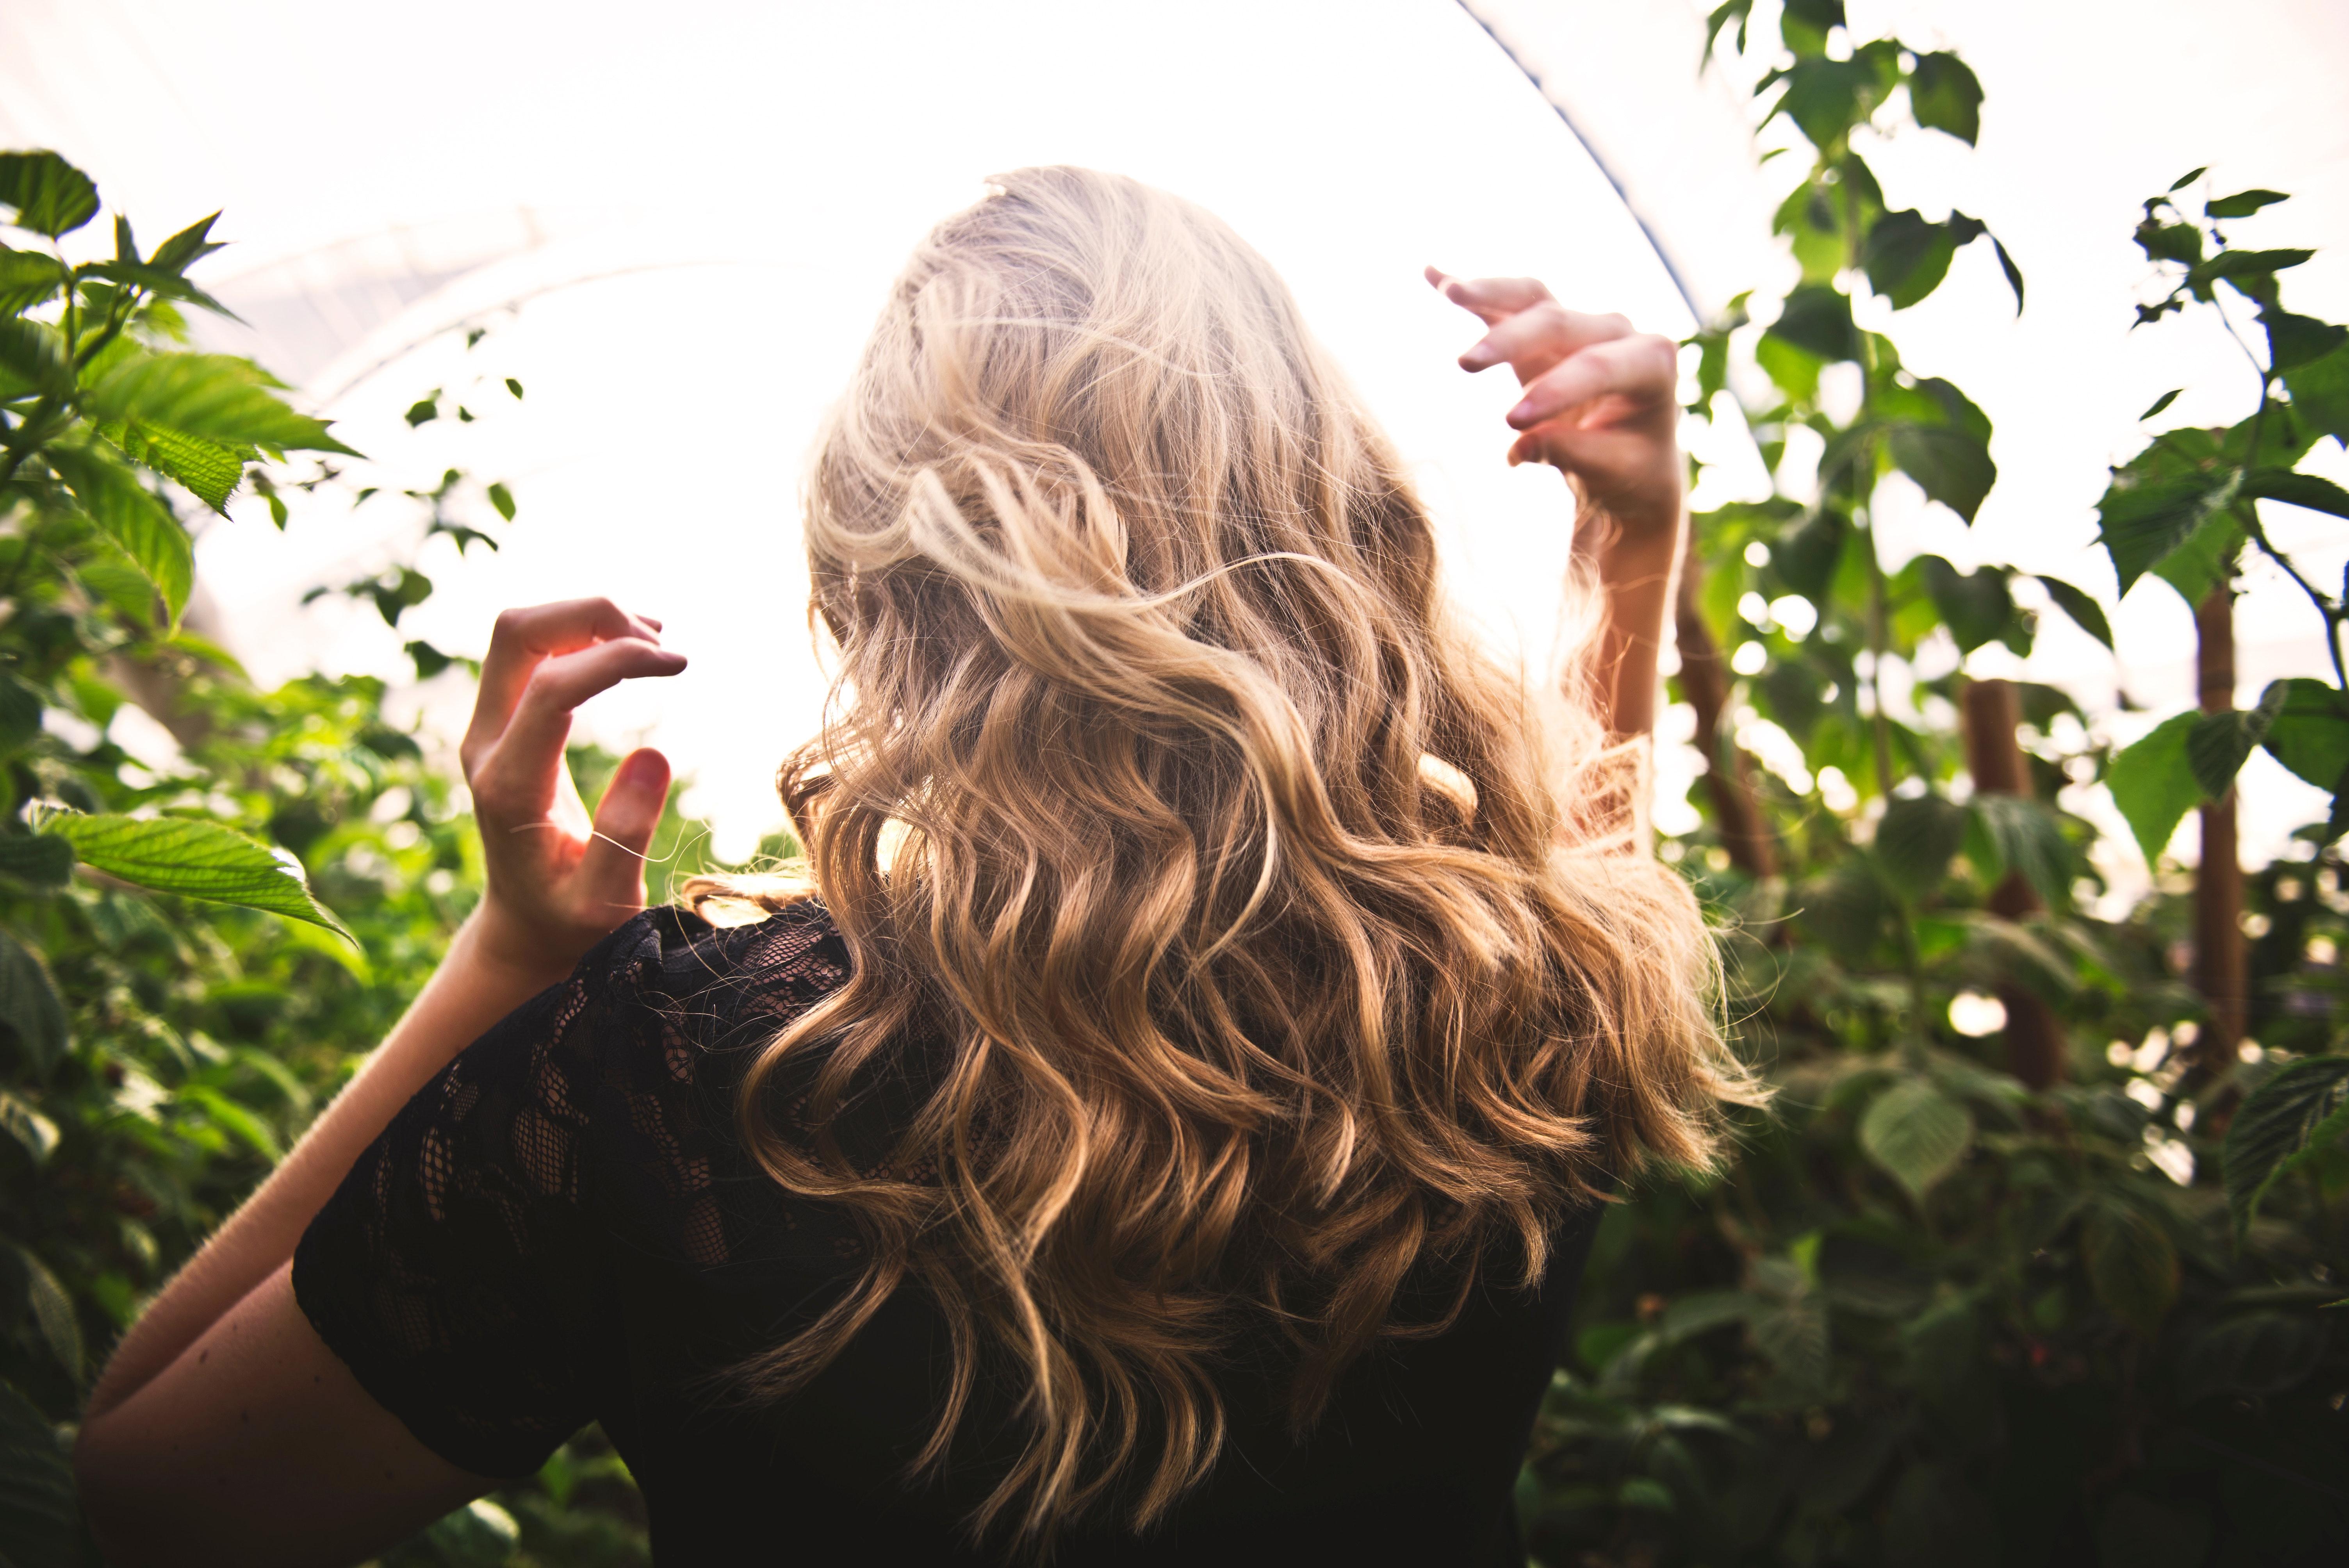 Vrouw met blond haar in de buitenlucht.